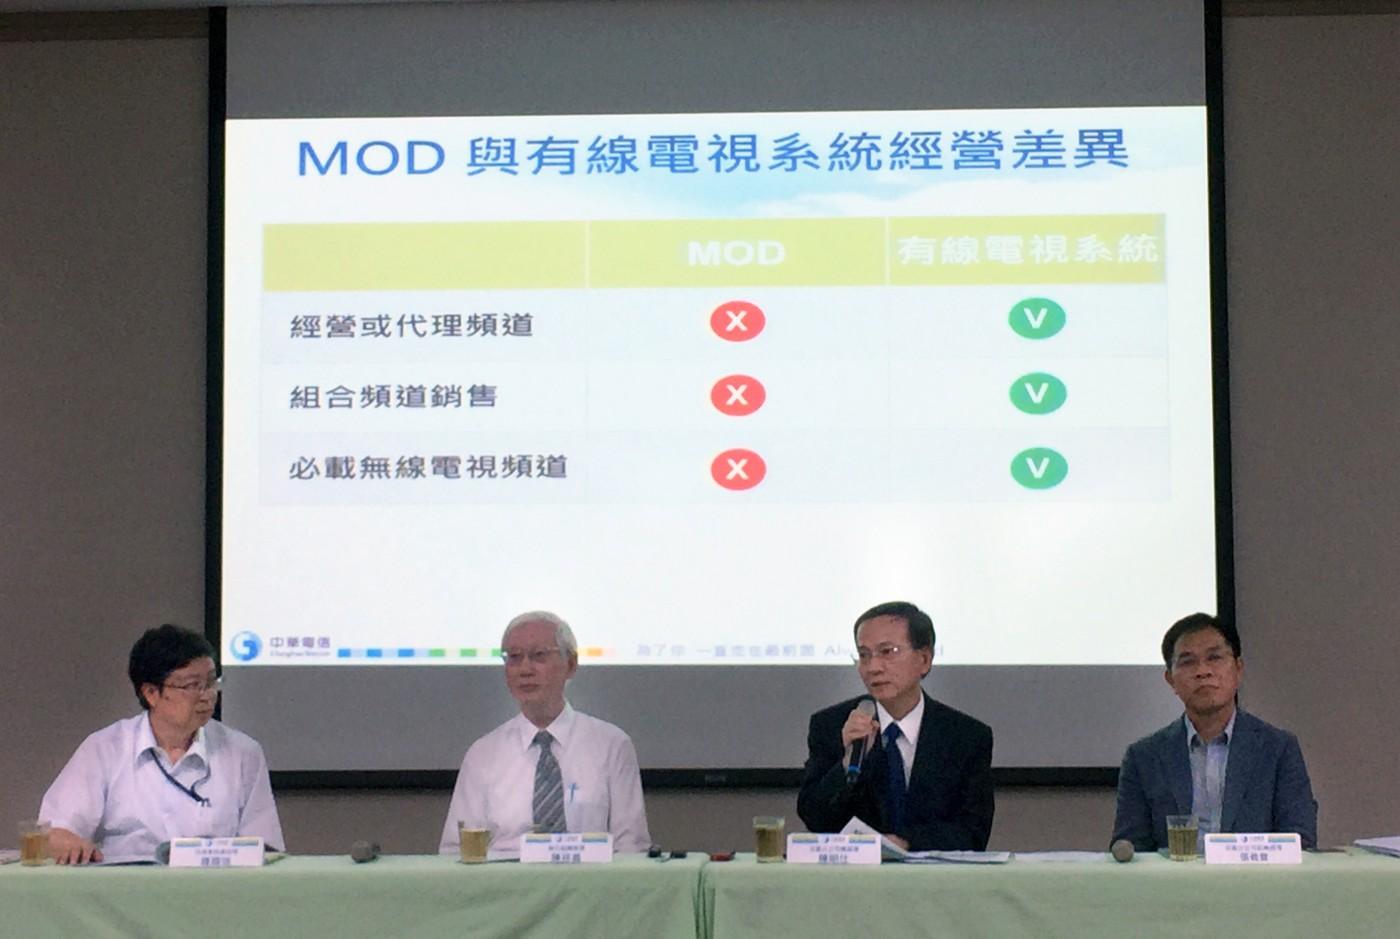 急滅火!中華電信:法規限制無法干預MOD,提三配套措施補救